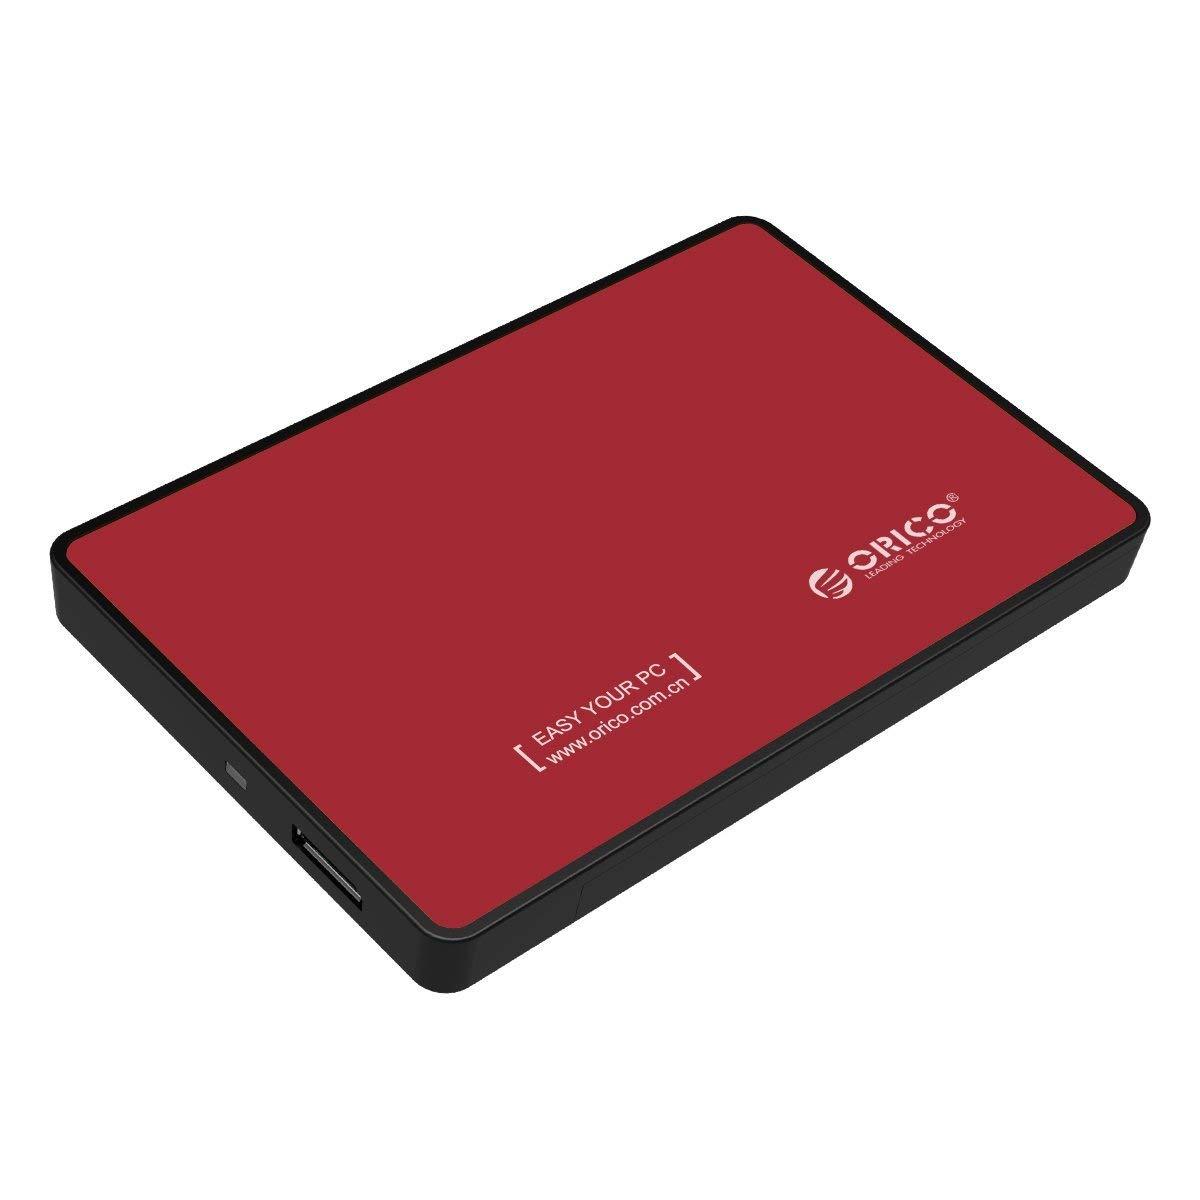 Orico sin herramientas de disco duro externo USB 3.0 Caja Carcasa ...